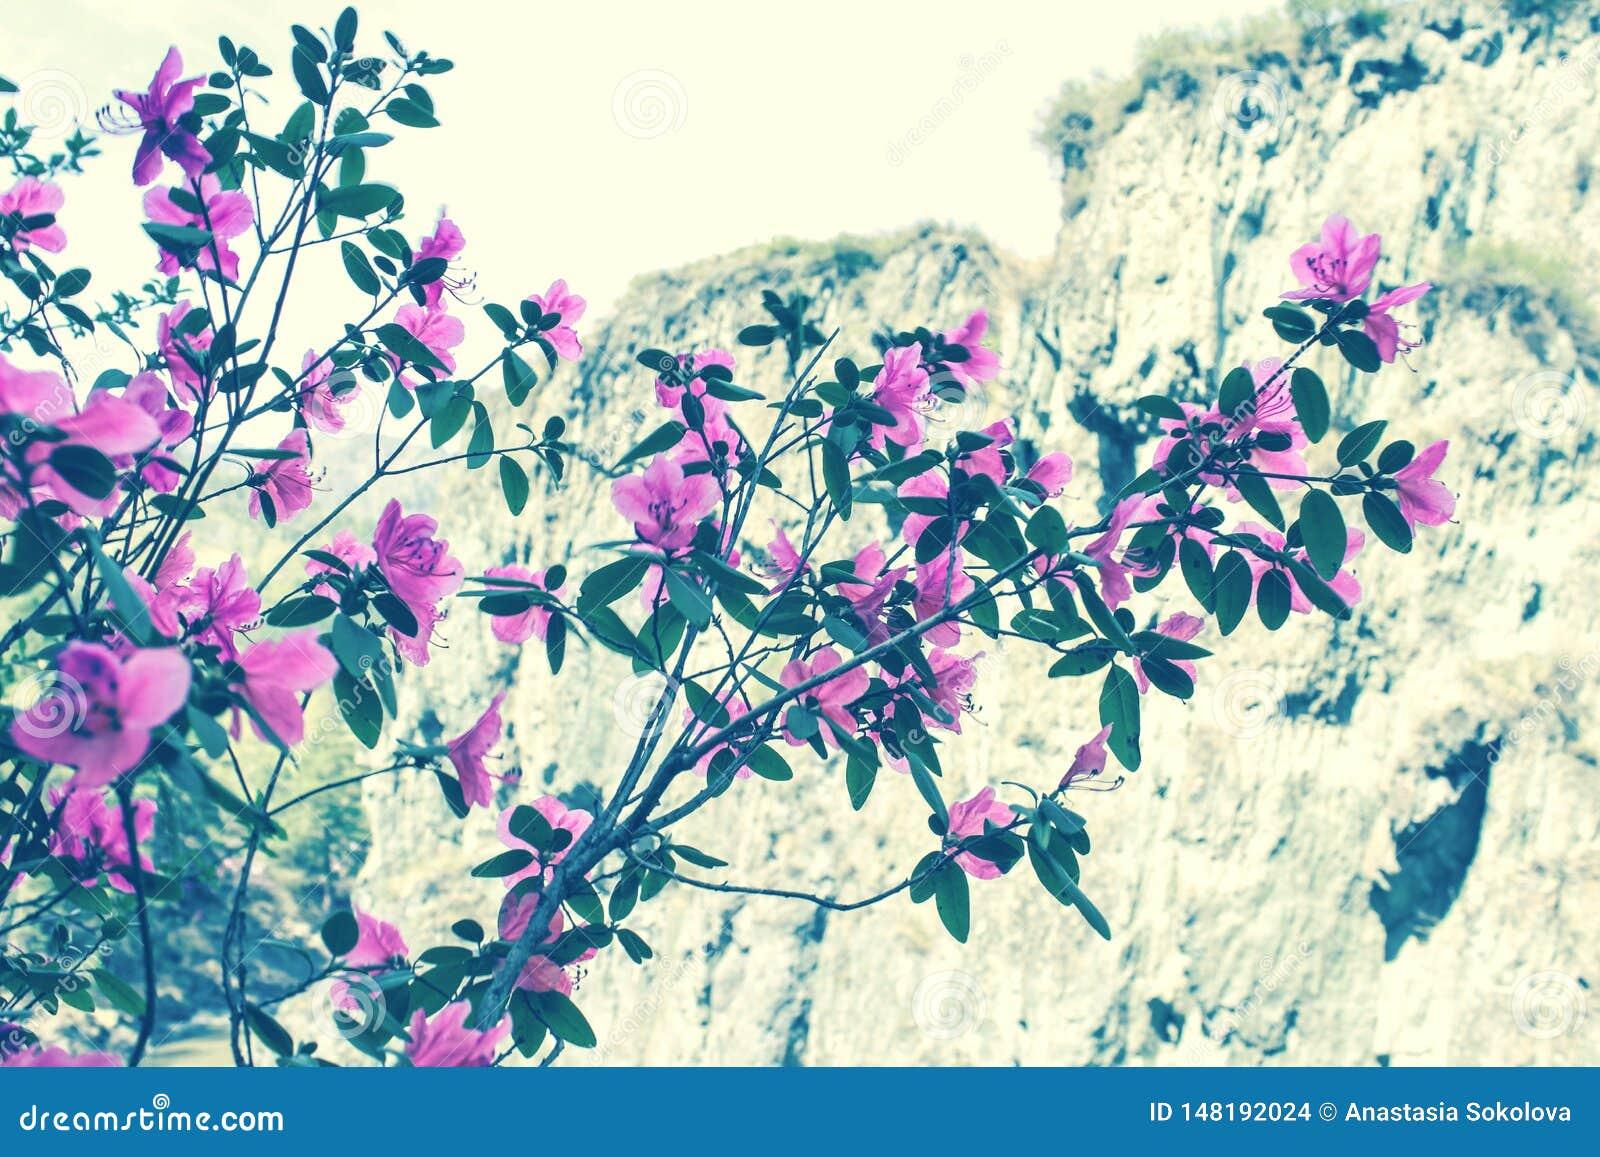 El ?rbol floreciente florece en la estaci?n de primavera rosada de la belleza de la naturaleza Paisaje de la flor de la primavera